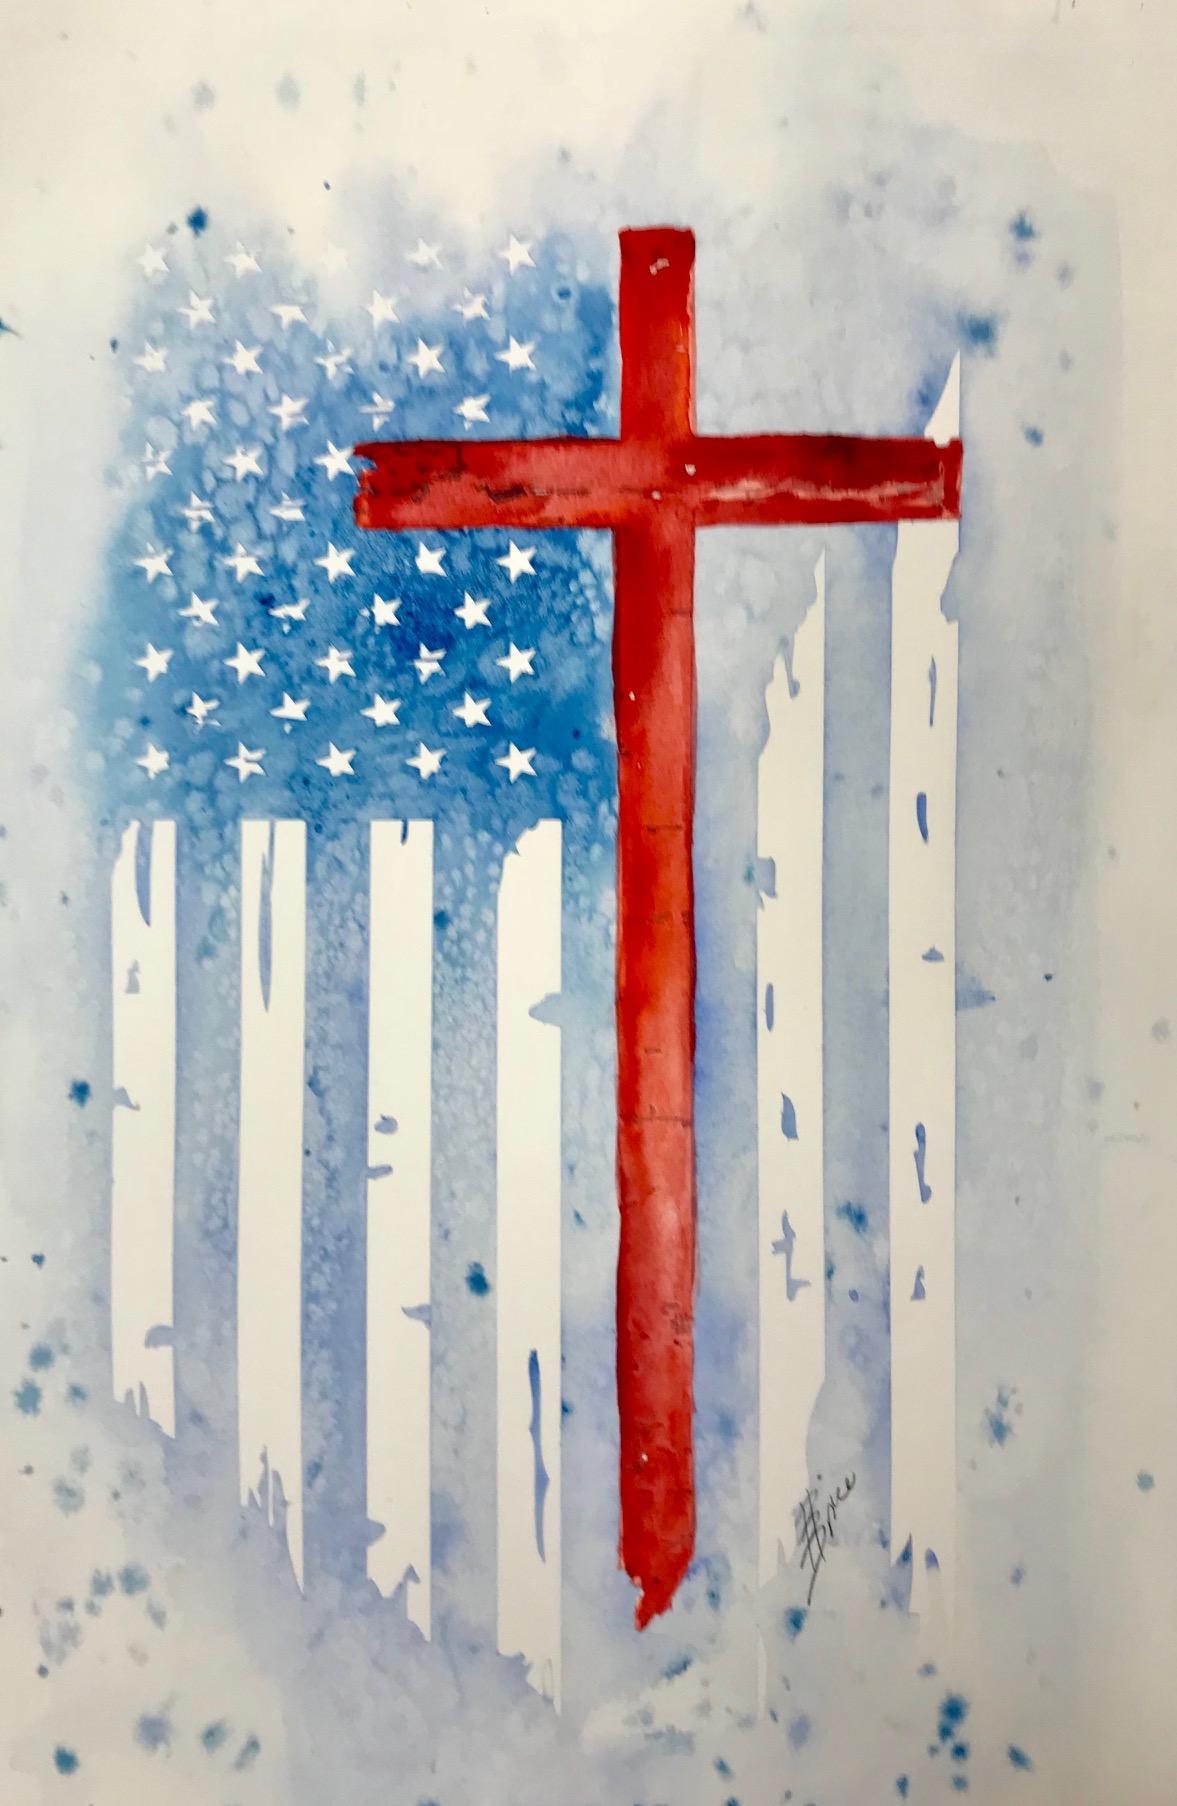 Heroes in Christ